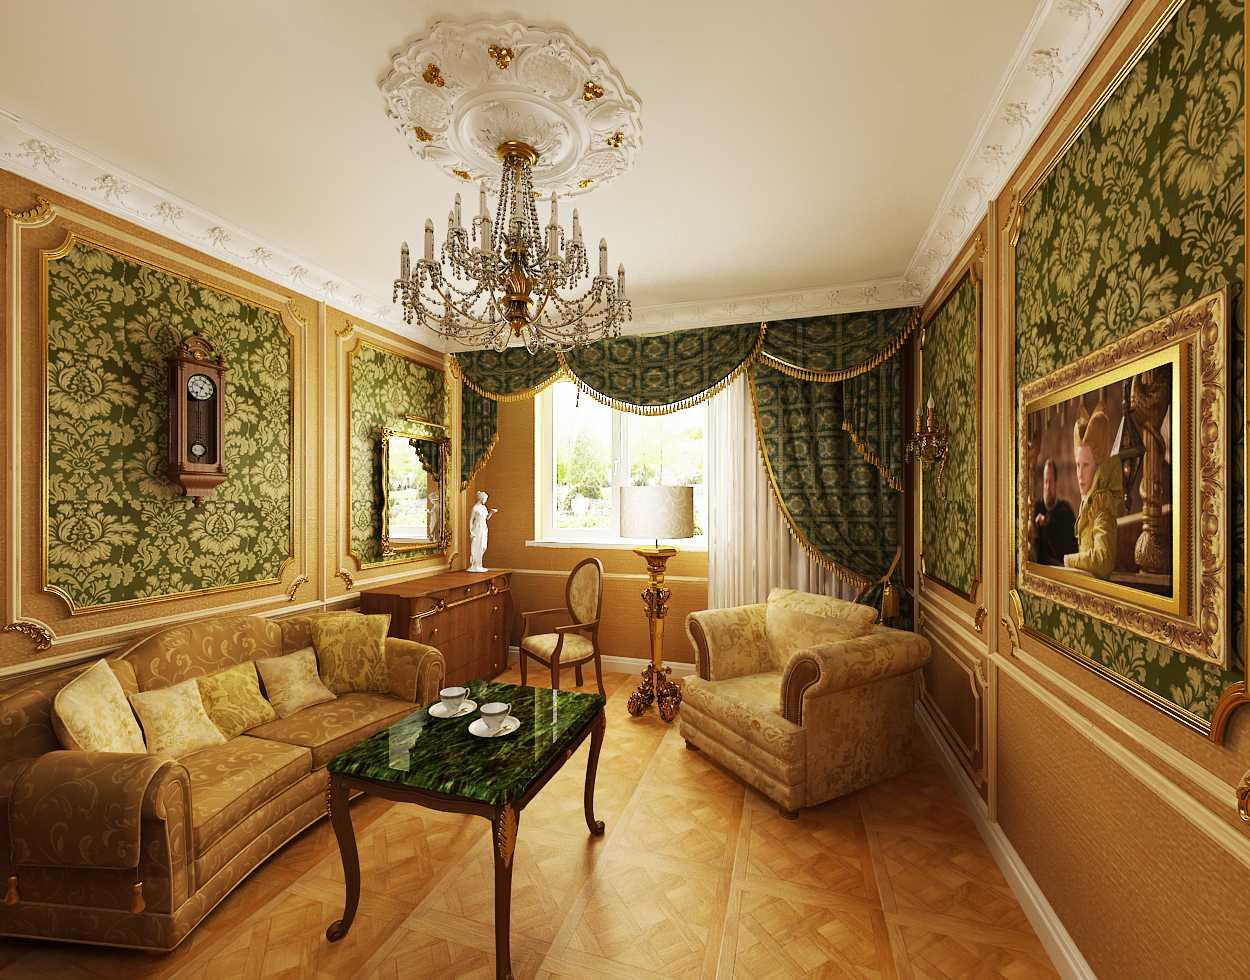 Самые величественные и роскошные дворцы мира